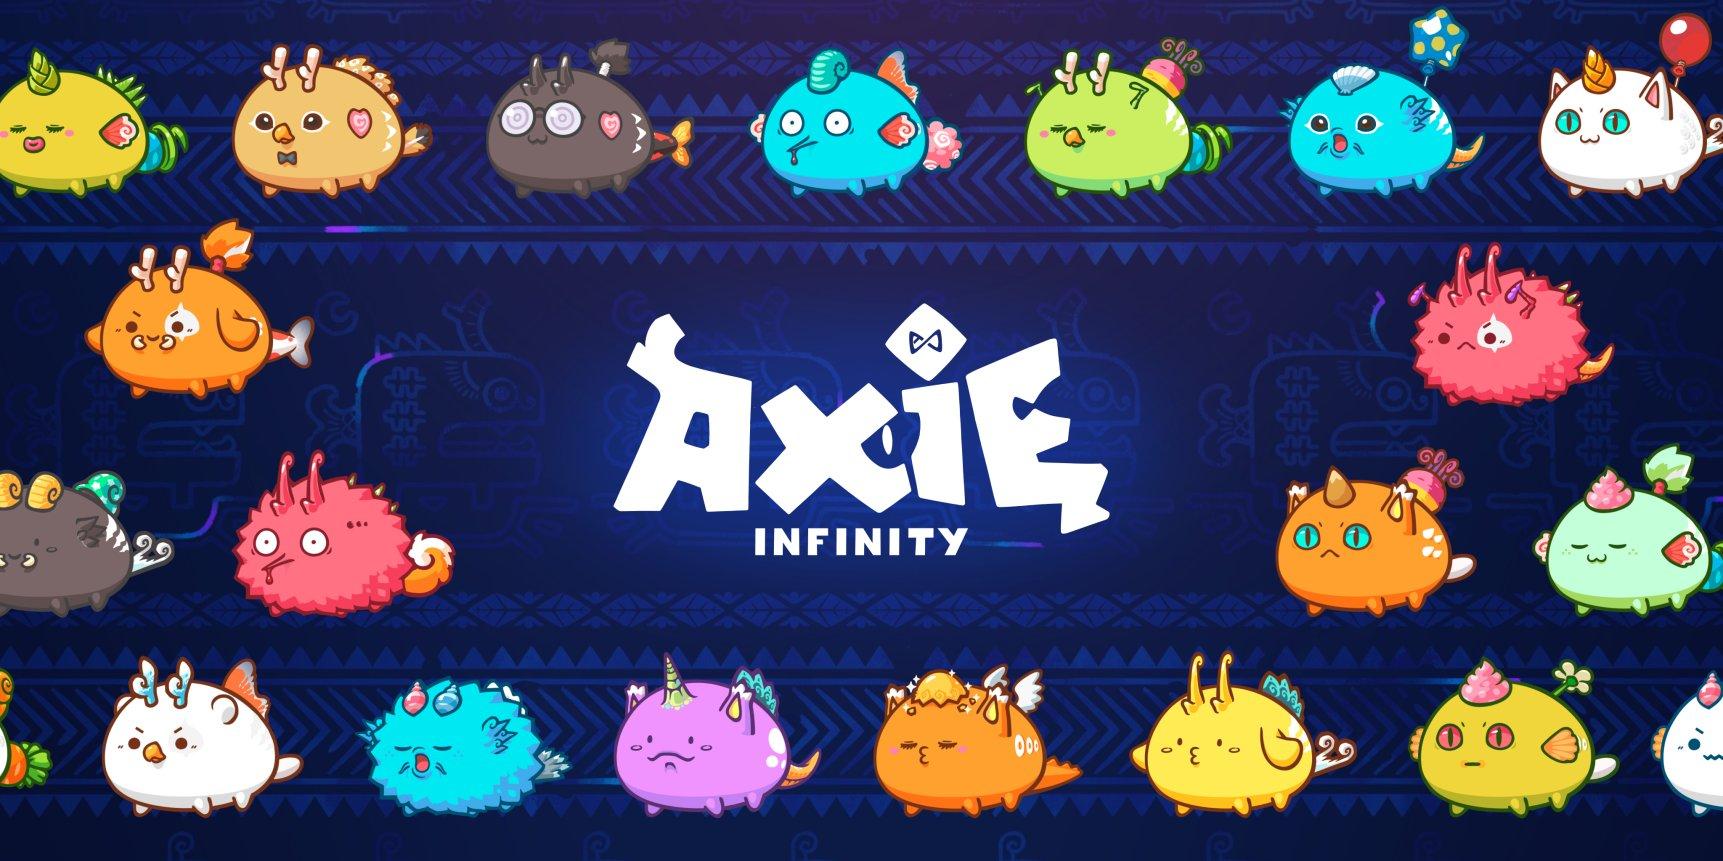 Jugadores de Axie Infinity deben pagar impuesto sobre la renta por sus ganancias dentro del juego, según el Departamento de Finanzas de Filipinas